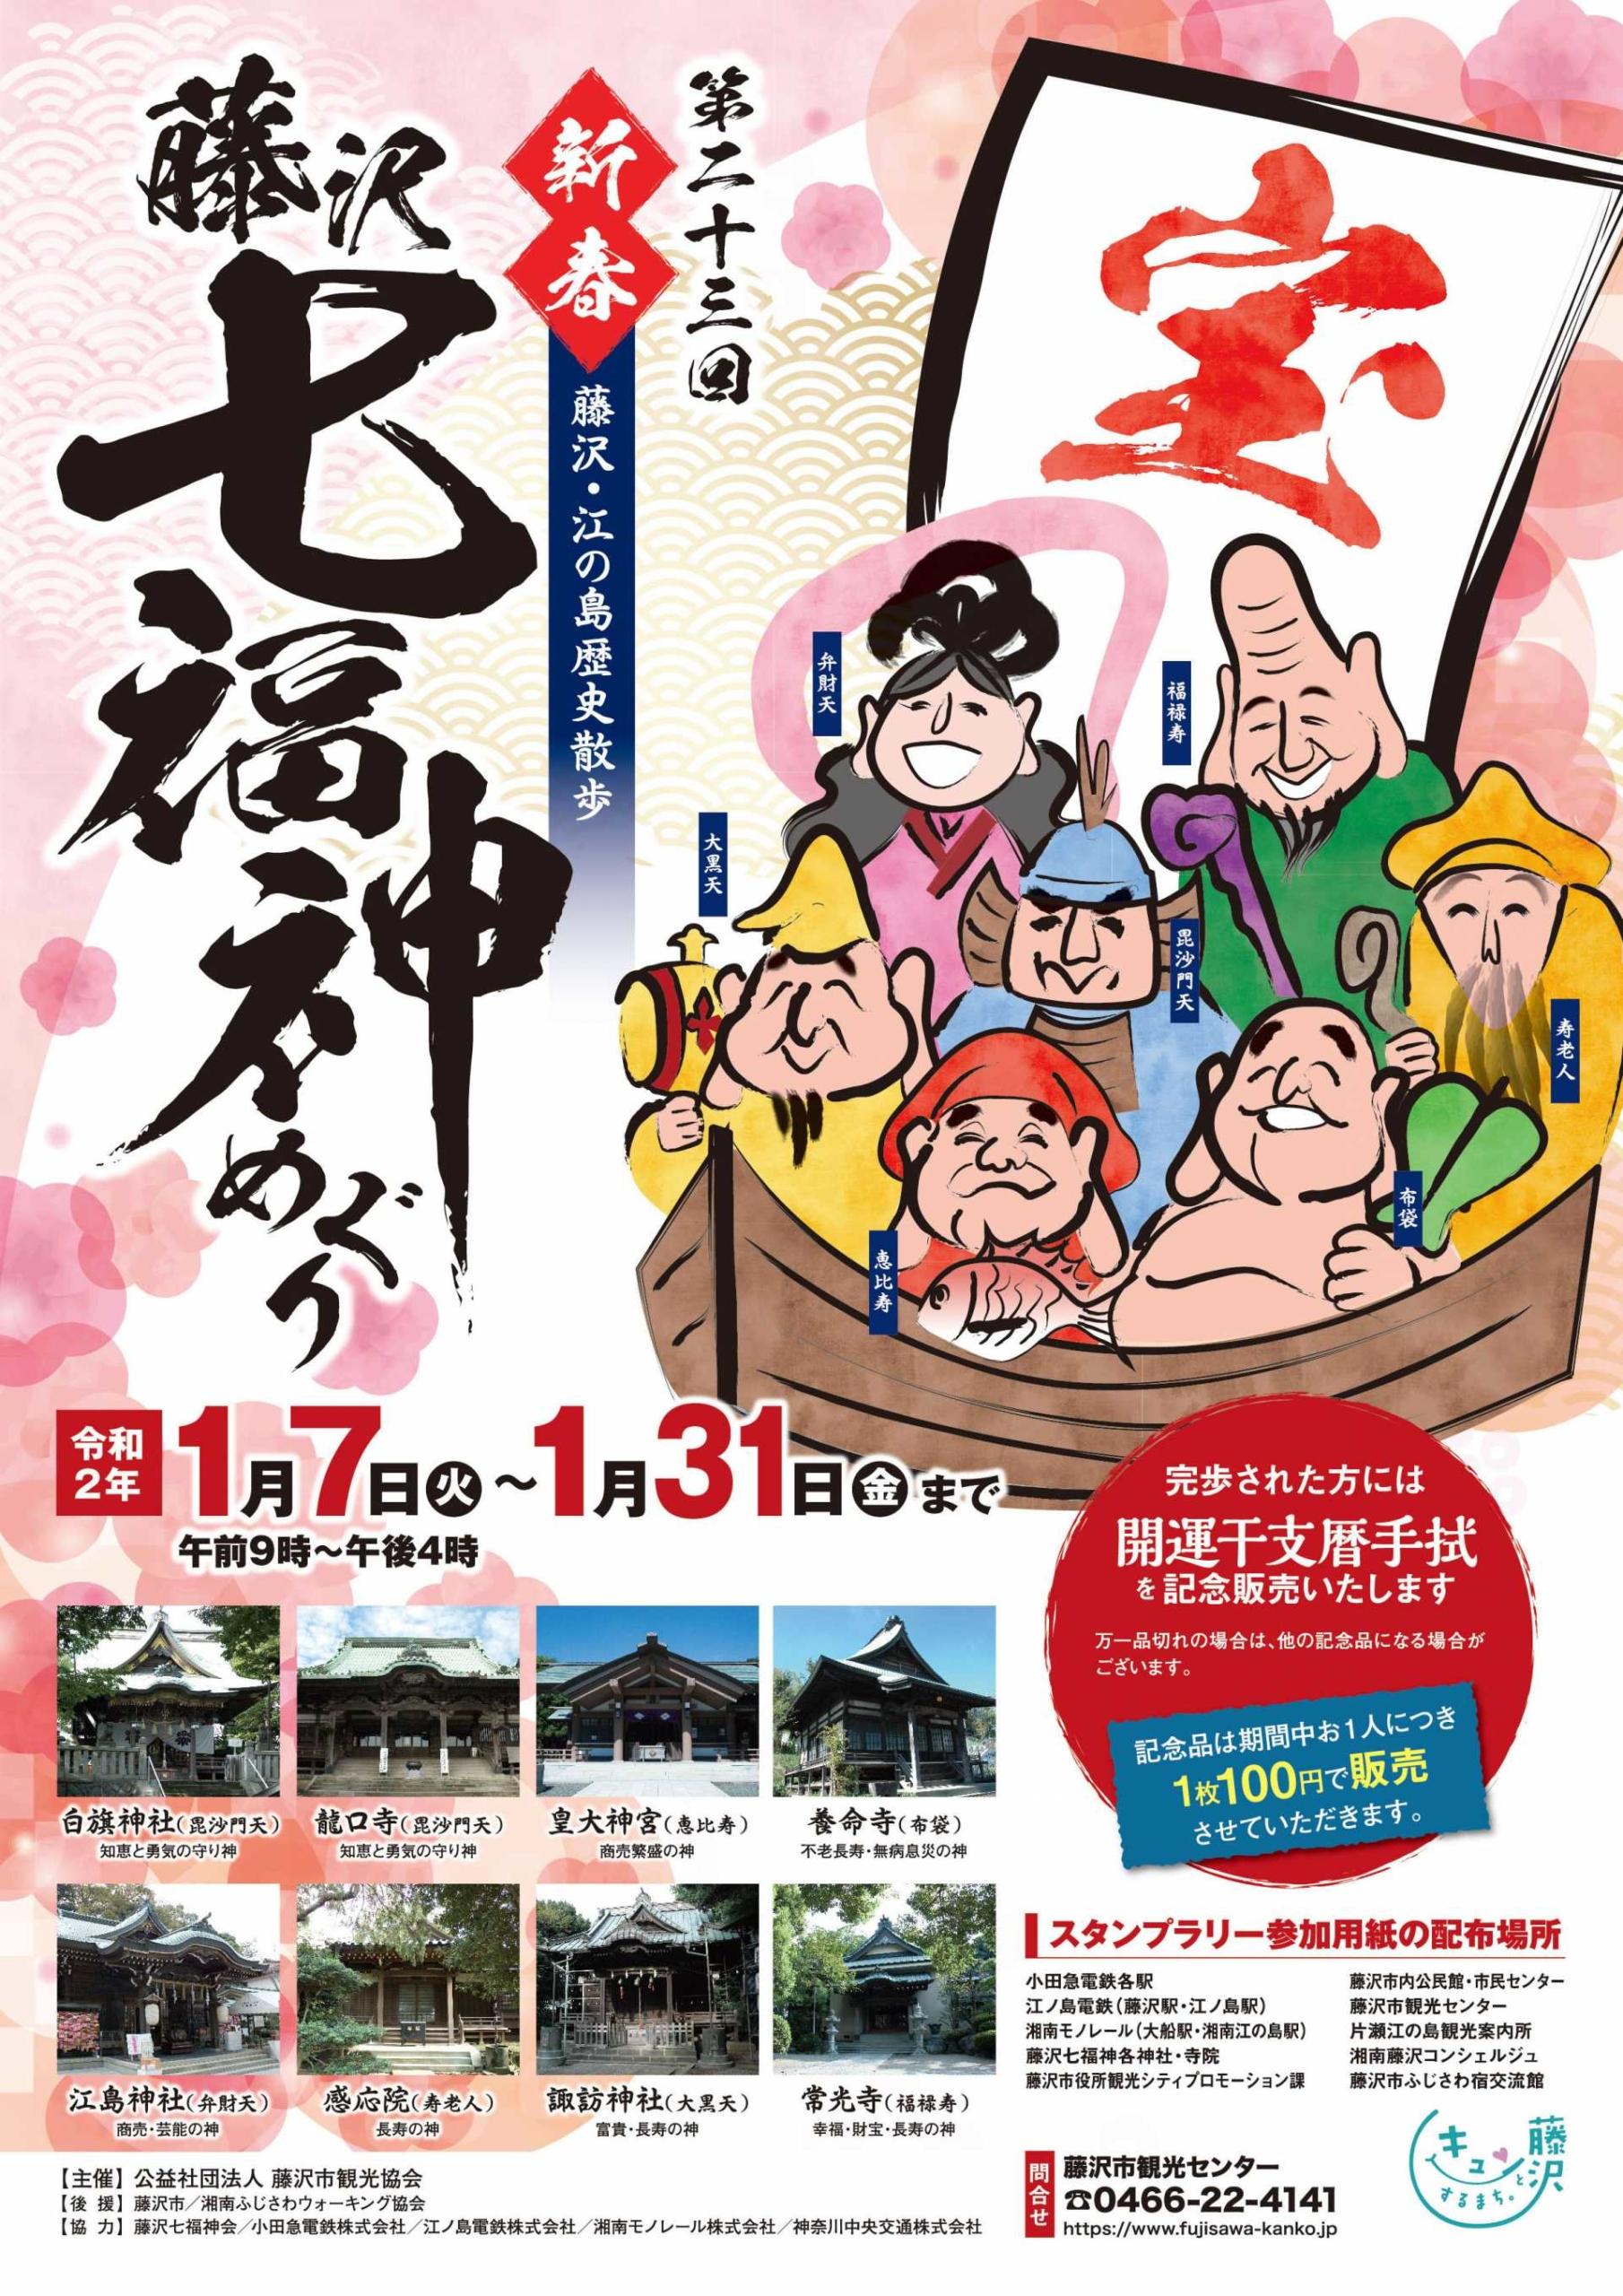 今年も藤沢七福神めぐりが開催されます。藤沢、江ノ島を歩こう。